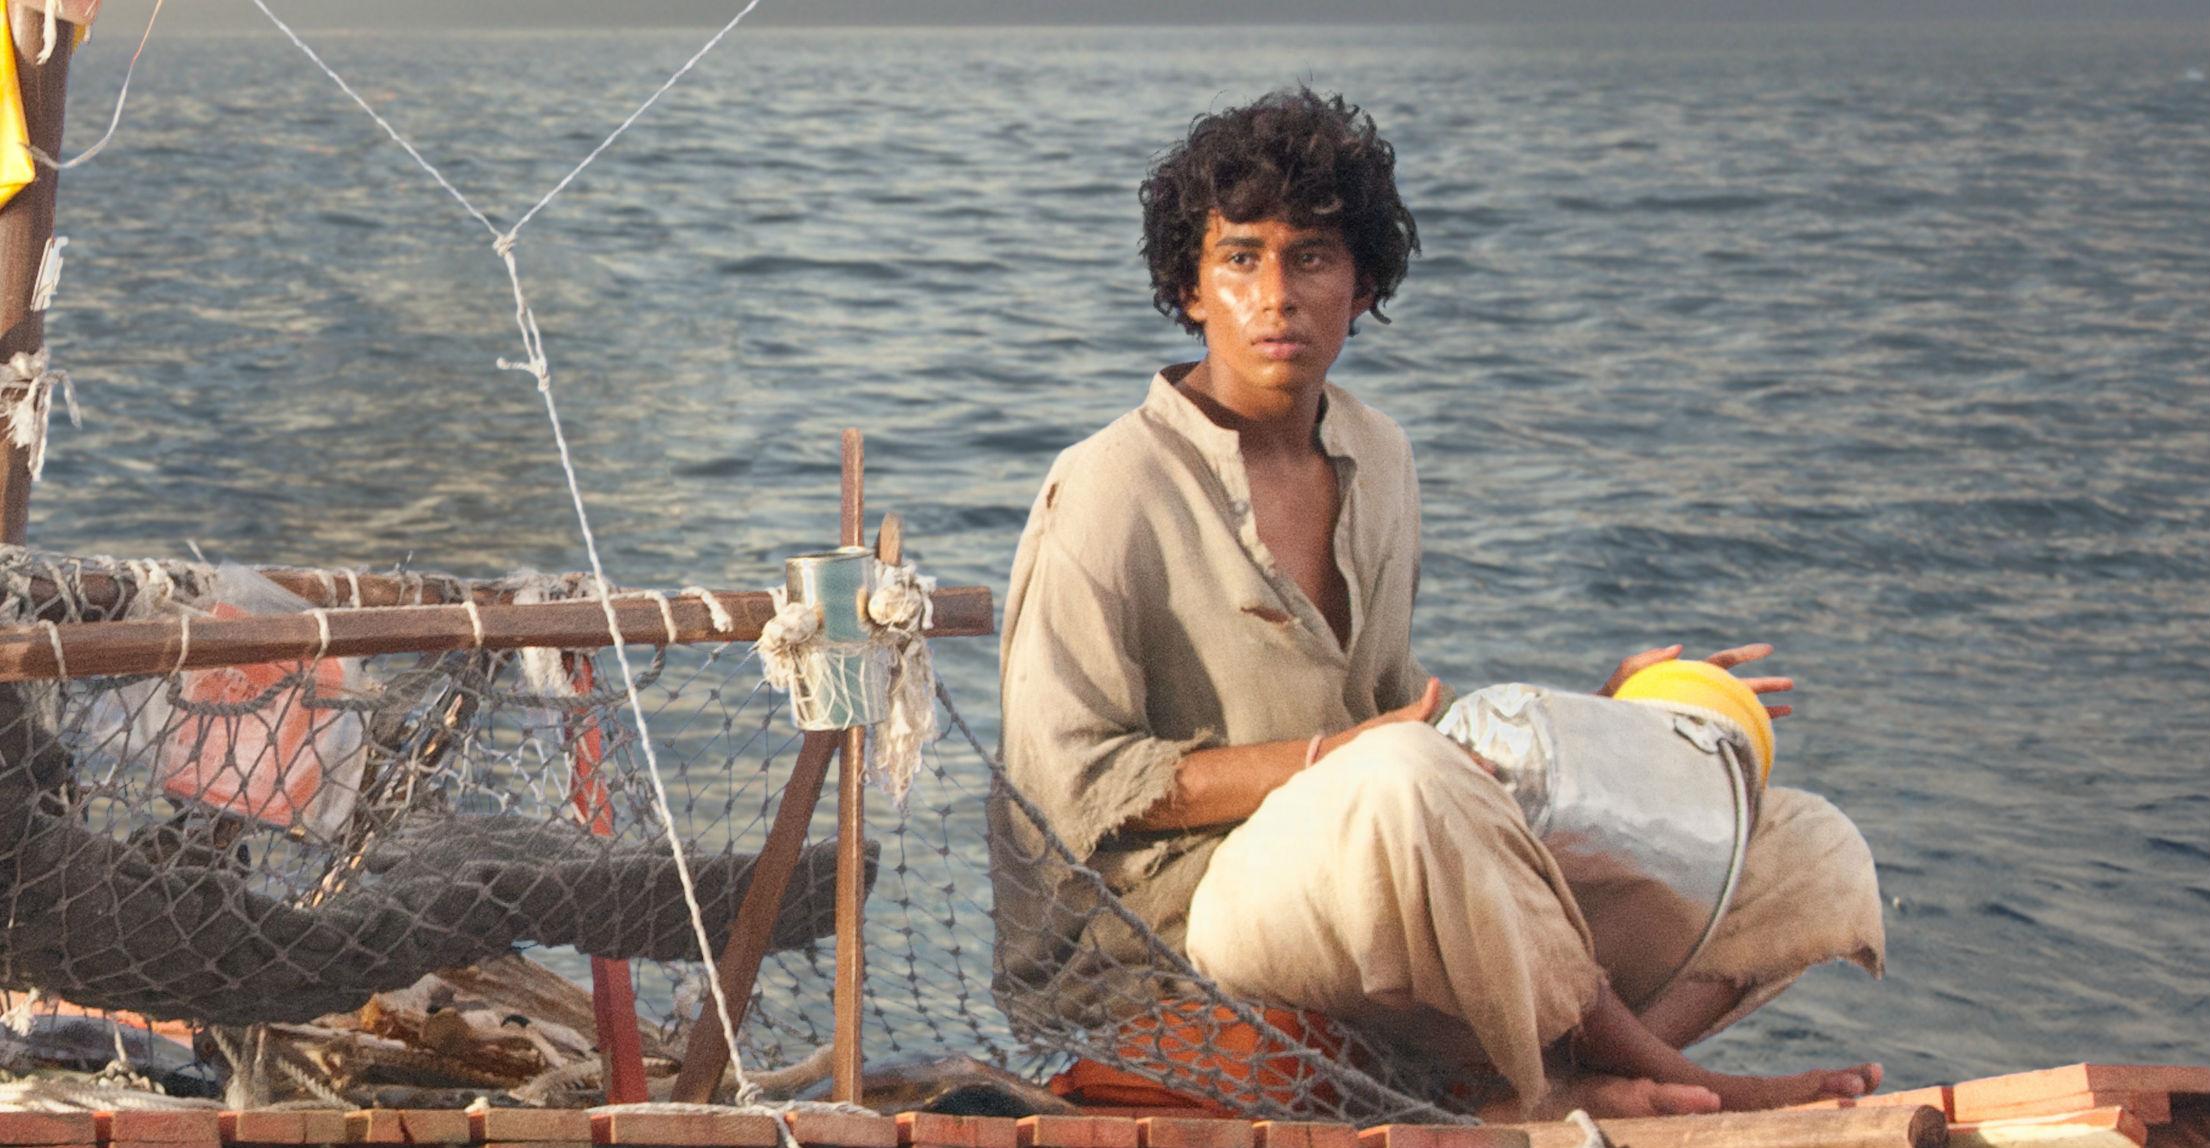 Pi (Suraj Sharma) i et af mange majestætiske øjeblikke. Photo courtesy of Twentieth Century Fox.